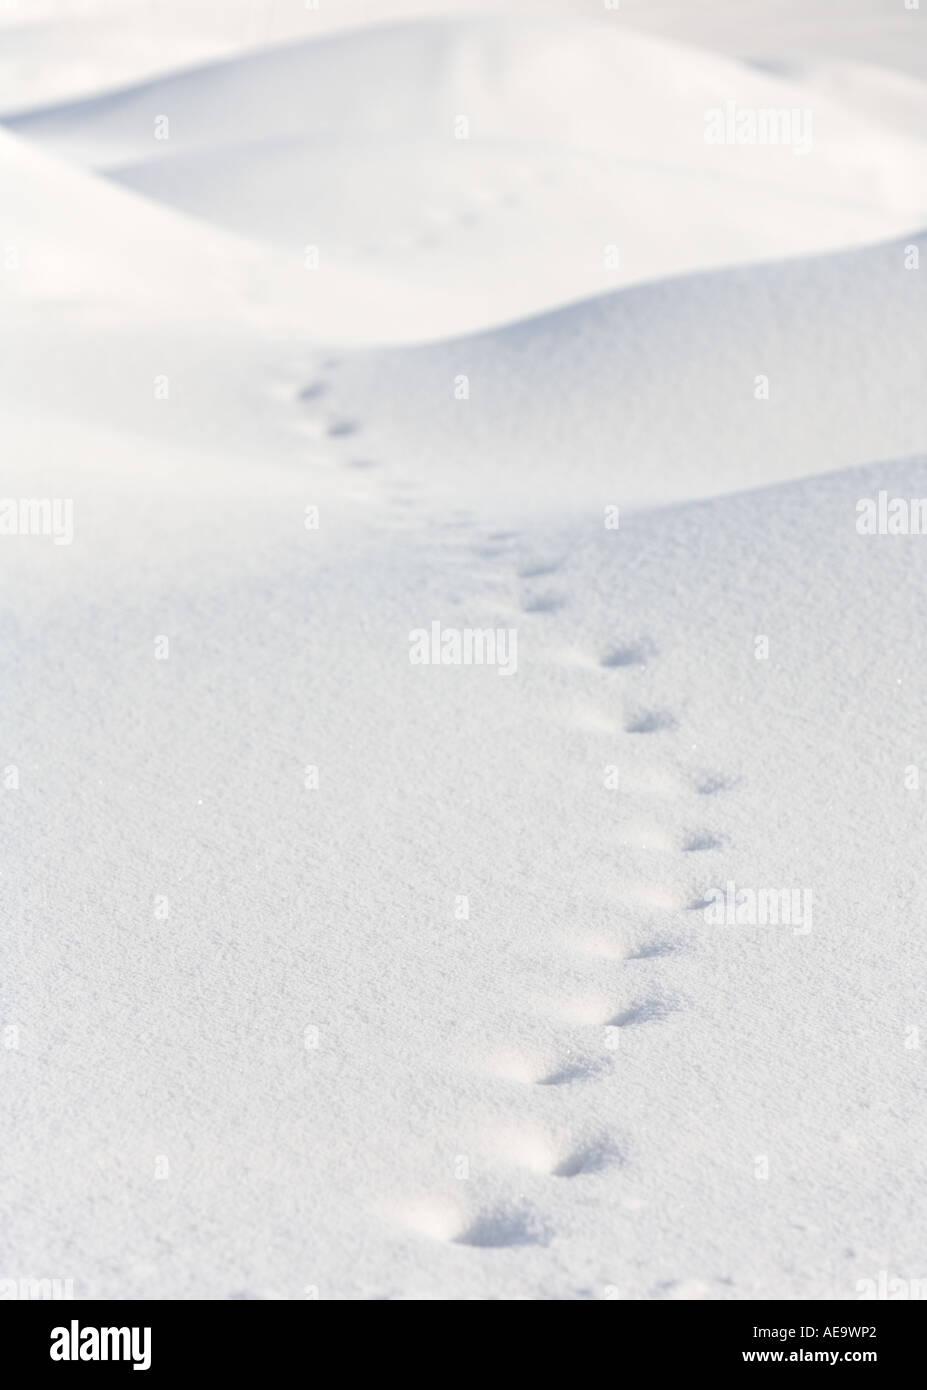 Vieux fox trail sur neige profilée souple Photo Stock